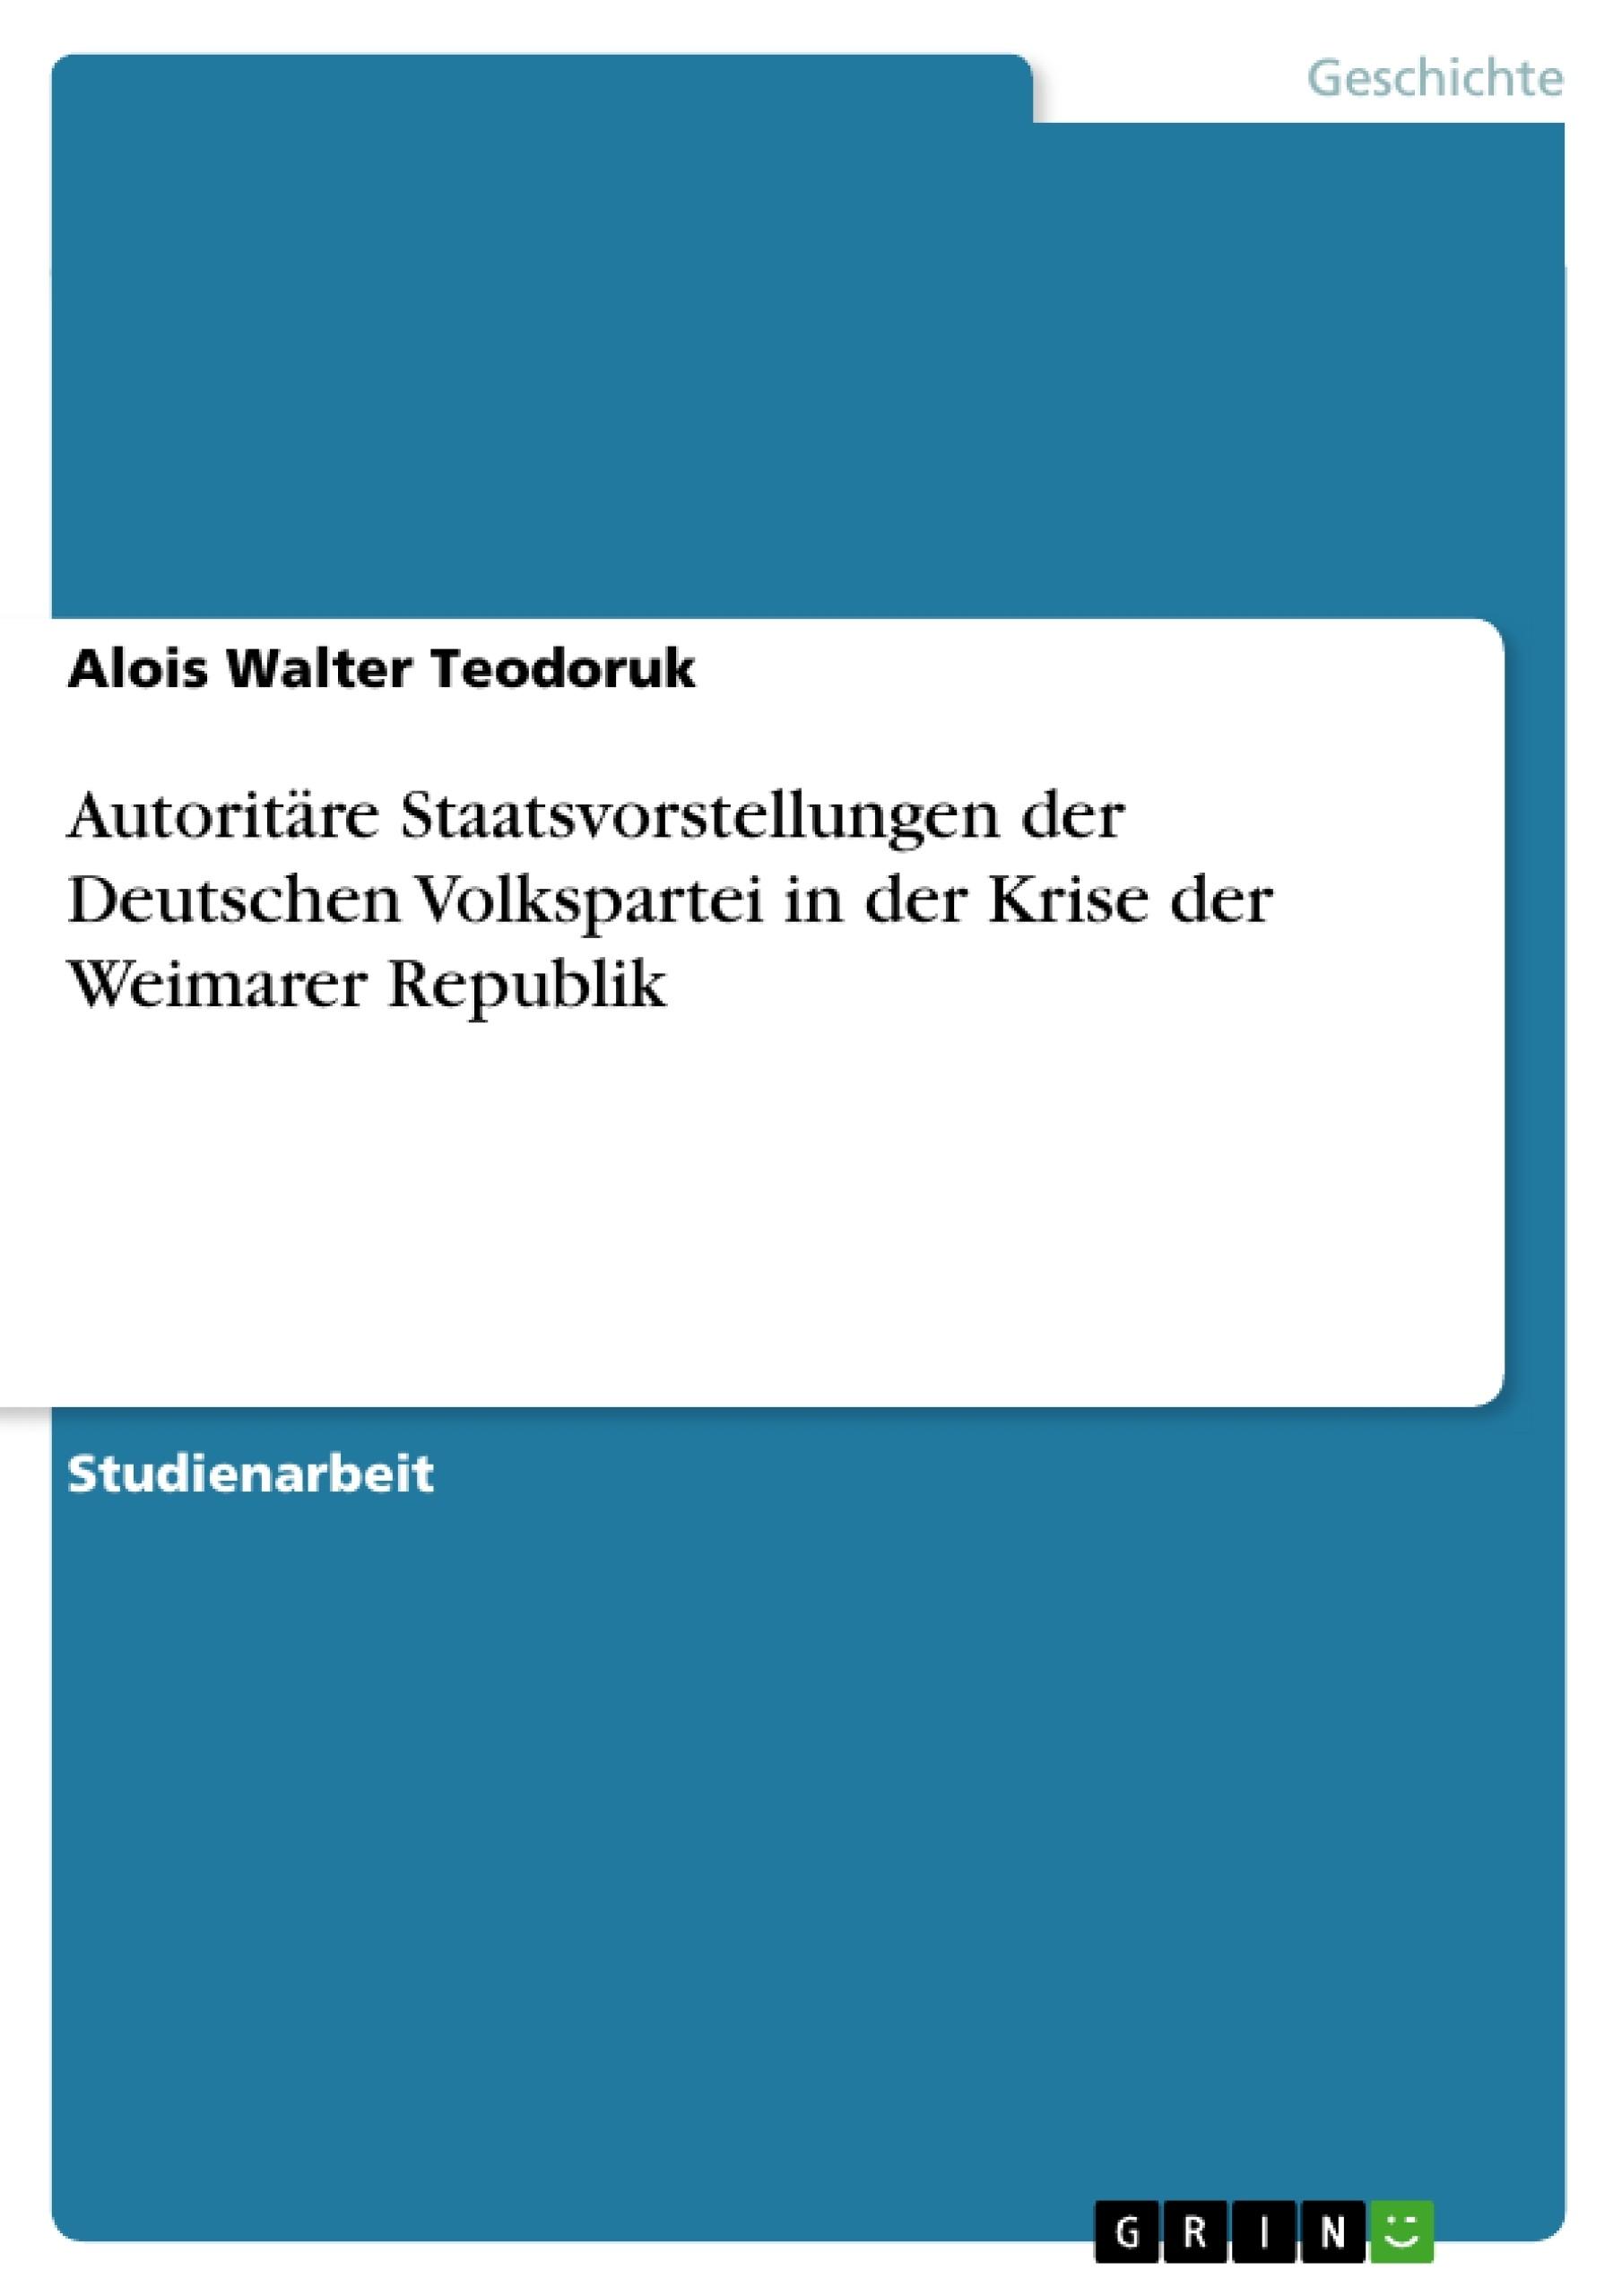 Titel: Autoritäre Staatsvorstellungen der Deutschen Volkspartei in der Krise der Weimarer Republik